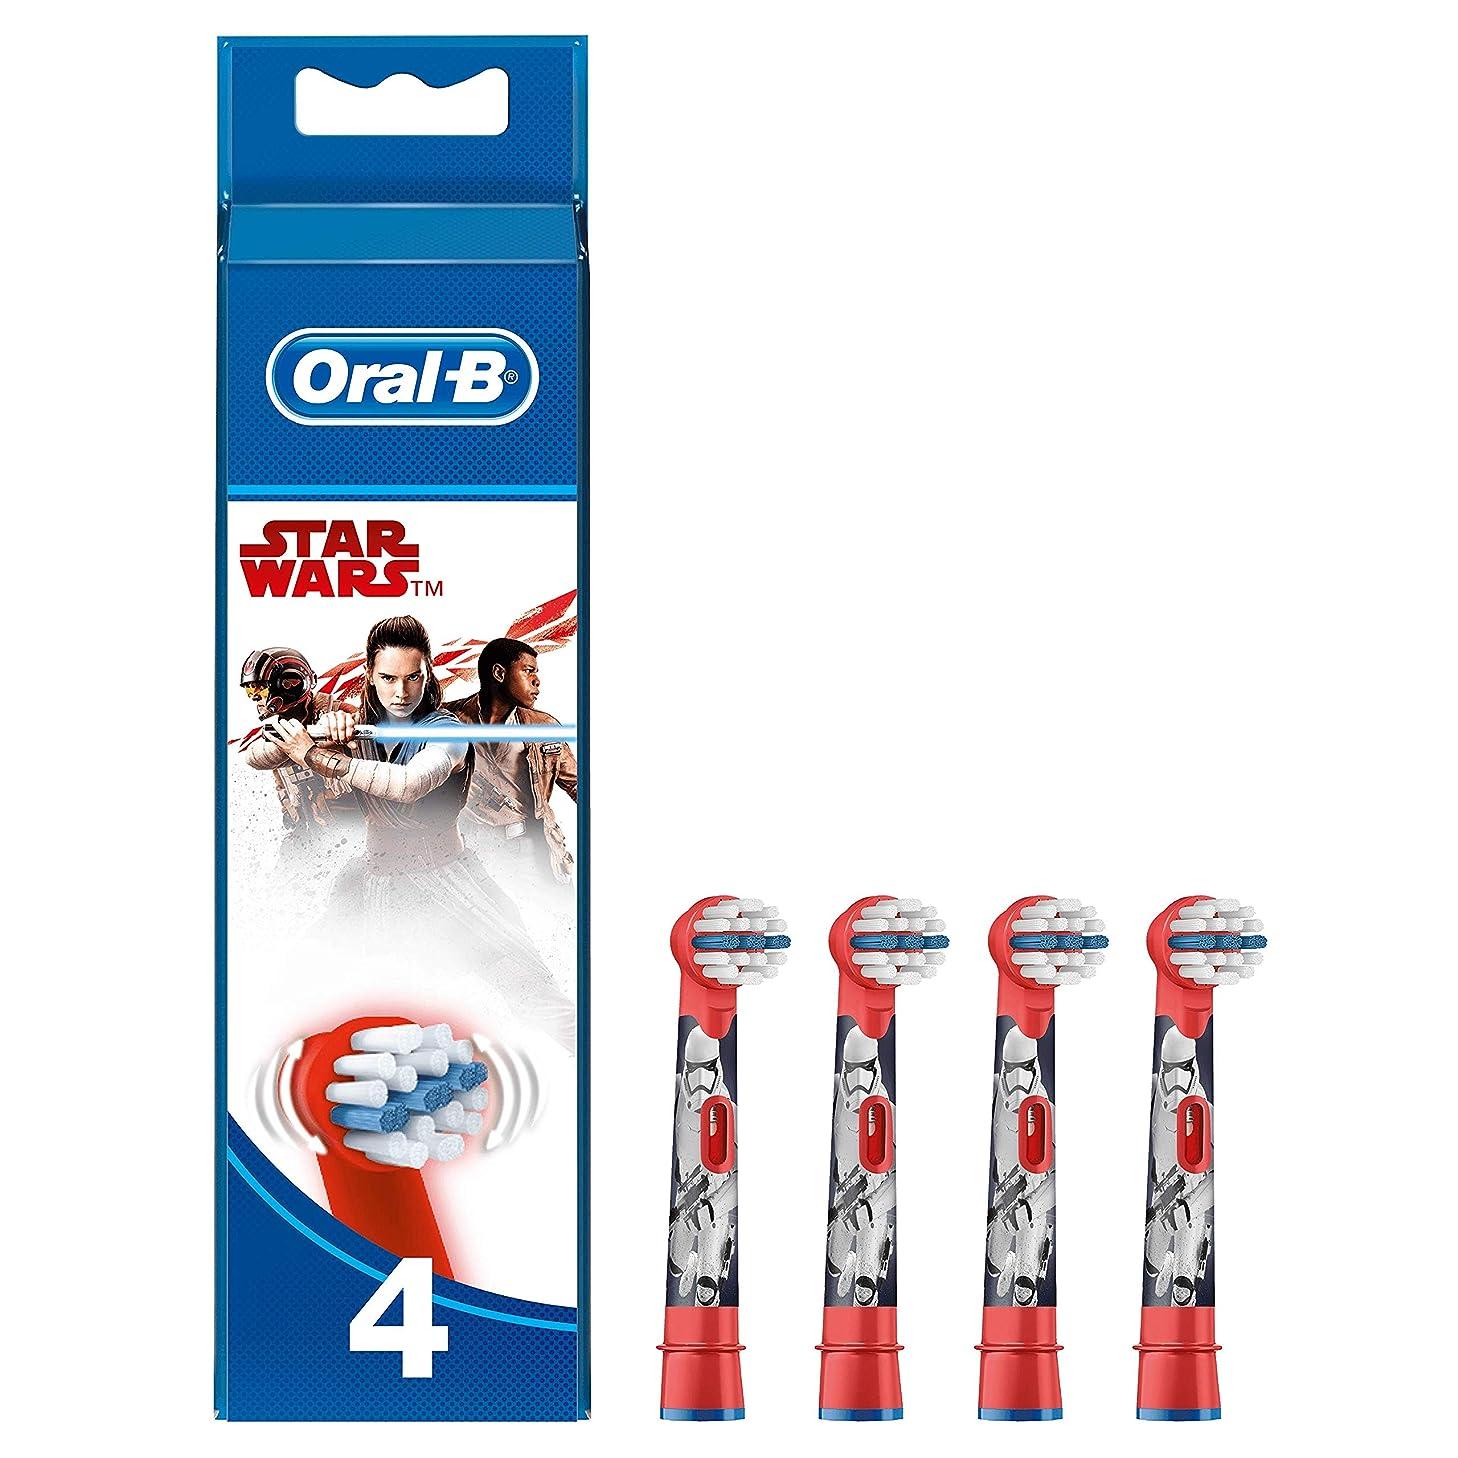 閉じ込めるいつも気難しいブラウン オーラルB 電動歯ブラシ 子供用 すみずみクリーンキッズ やわらかめ 替ブラシ(4本) レッド スターウォーズ [並行輸入品]